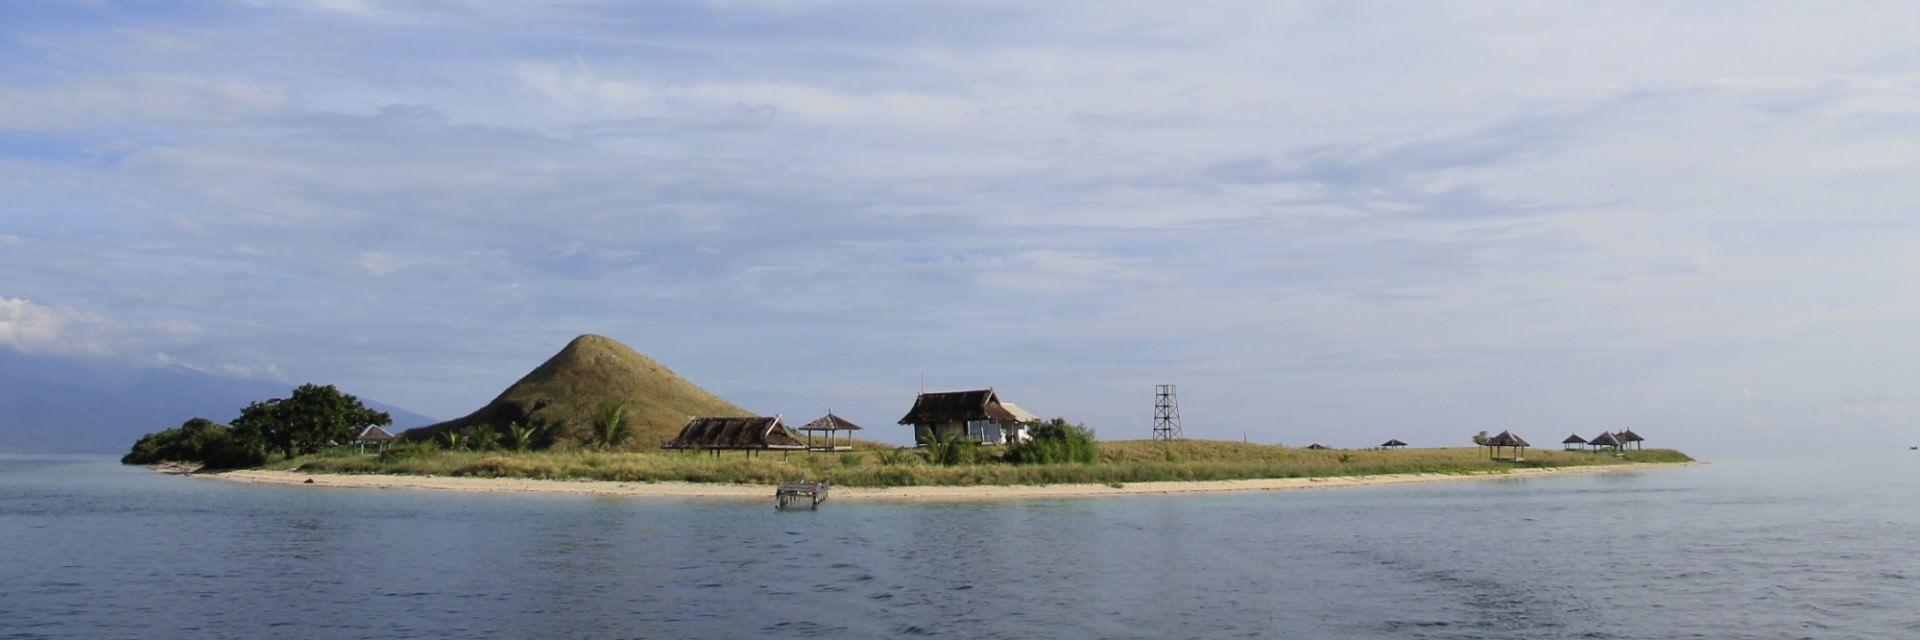 Pulau Kenawa, Orang Ketiga Diantara Lombok dan Sumbawa yang Cantik Mempesona